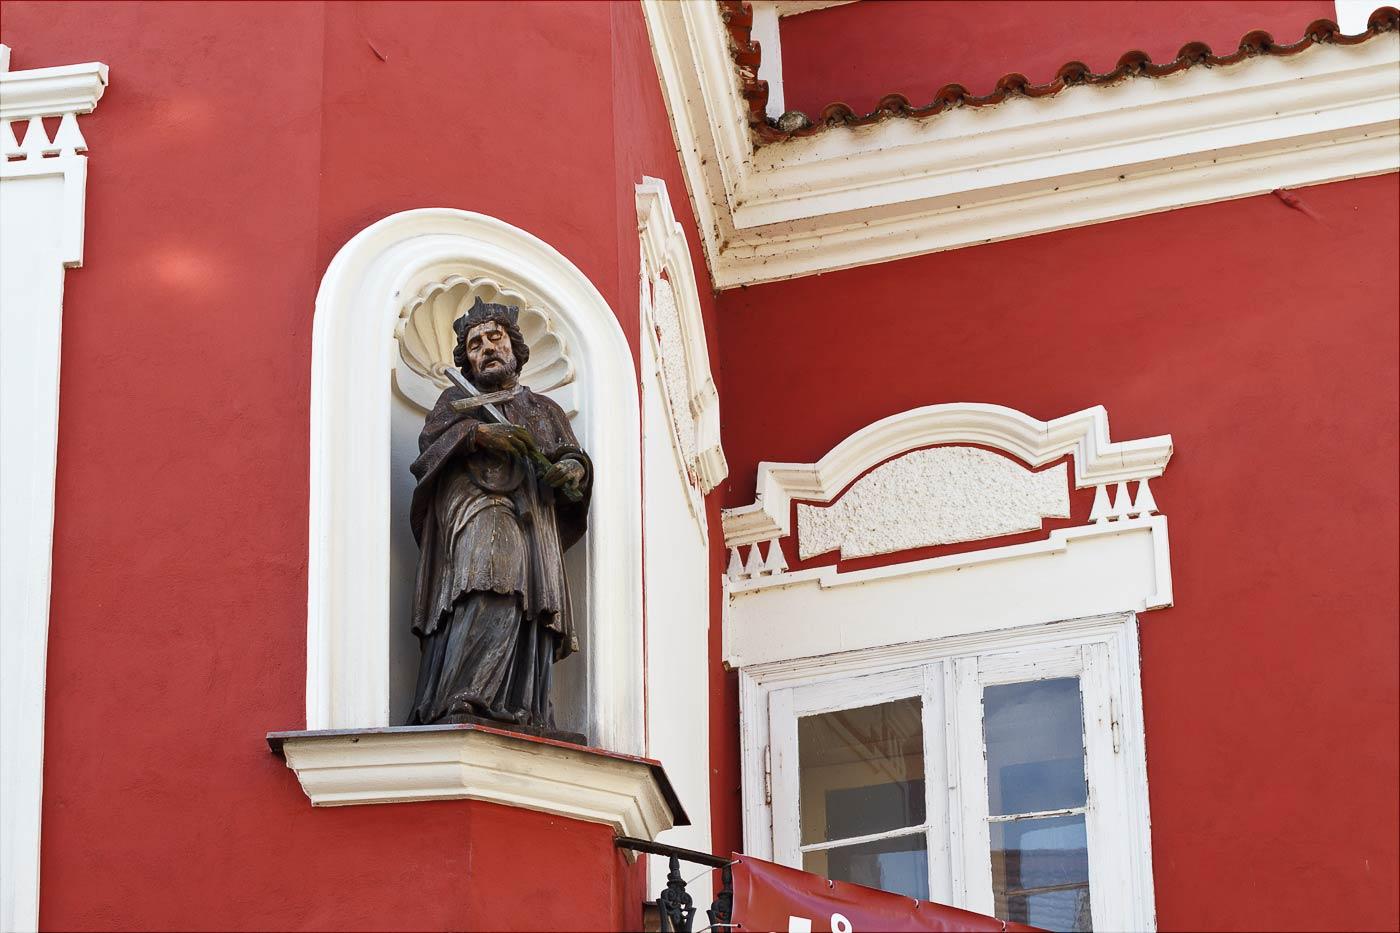 Фигура святого на фасаде дома в Таборе